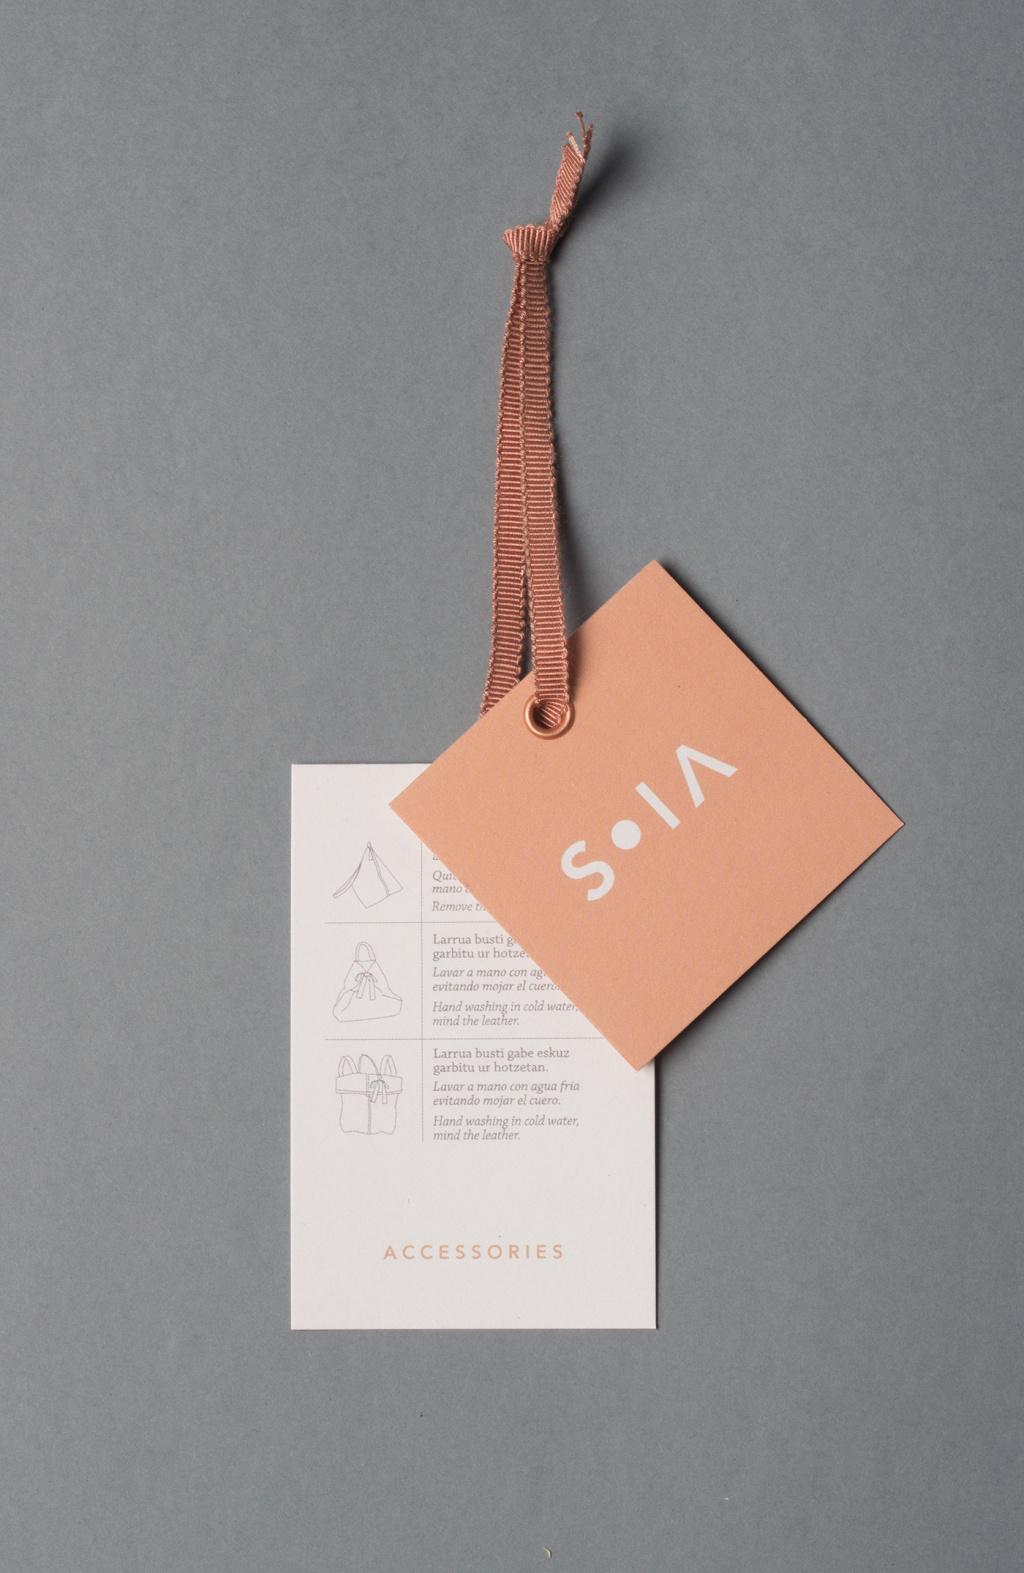 S O I A手工制作的时尚品牌VI设计